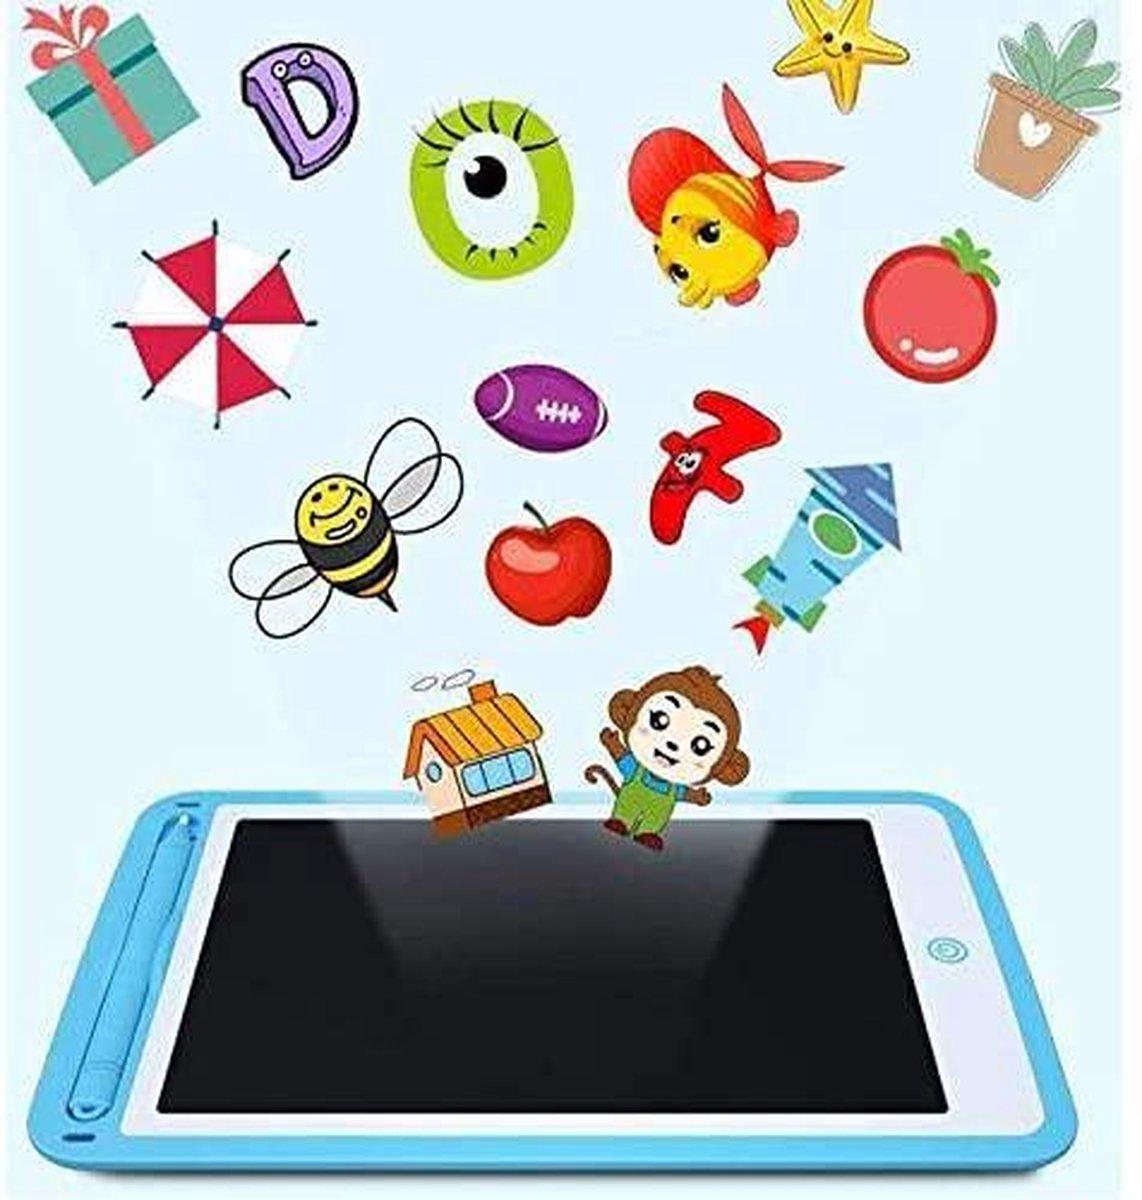 Tekentablet - Join Kleurrijk LCD-schrijftablet, 10 inch digitaal Ewriter elektronisch grafisch tekentablet wisbaar draagbaar Doodle-mini-board notitieblok voor kinderen, blauw